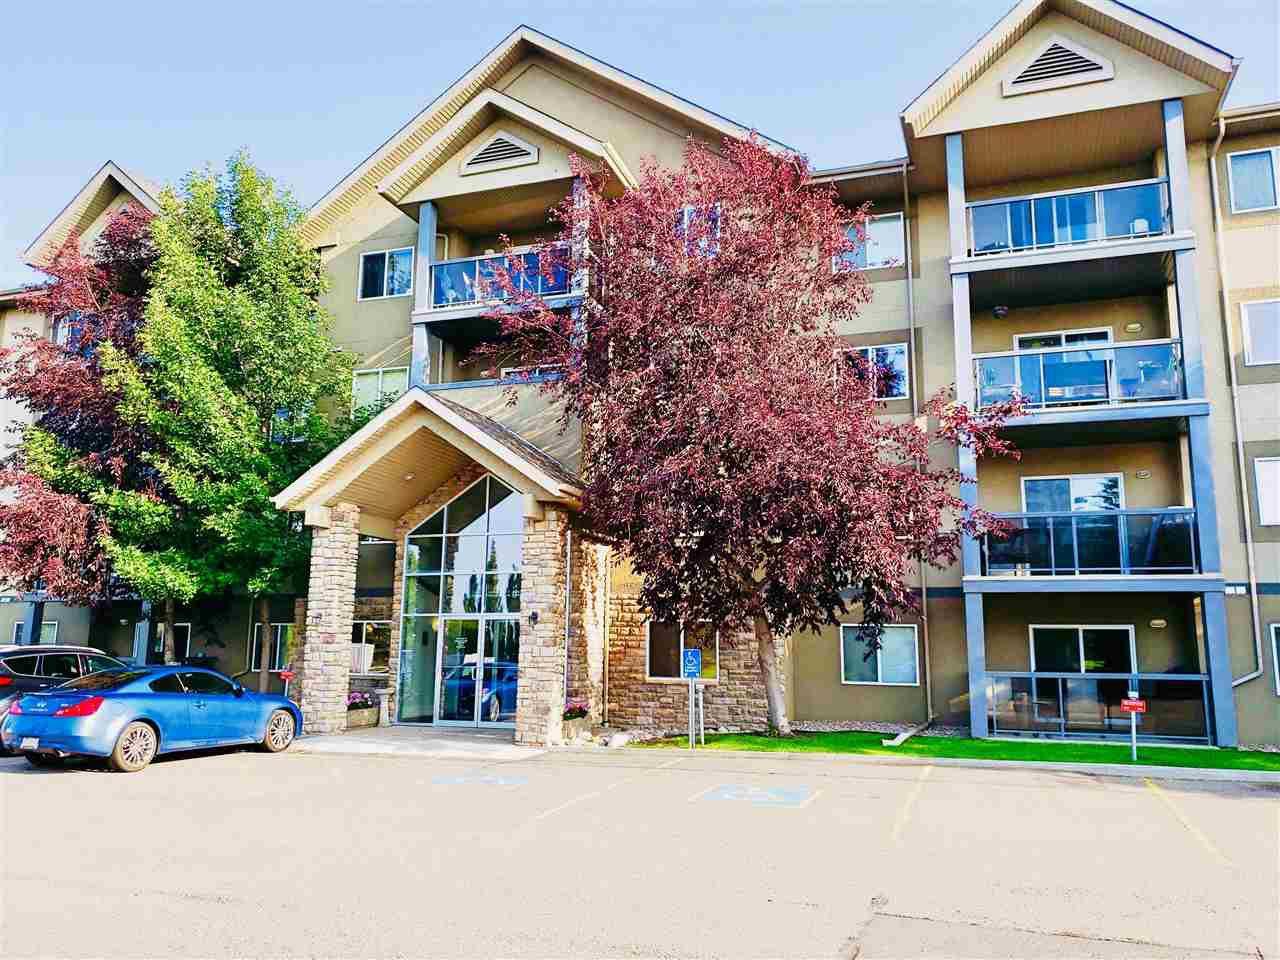 Main Photo: 203 279 SUDER GREENS Drive in Edmonton: Zone 58 Condo for sale : MLS®# E4199981